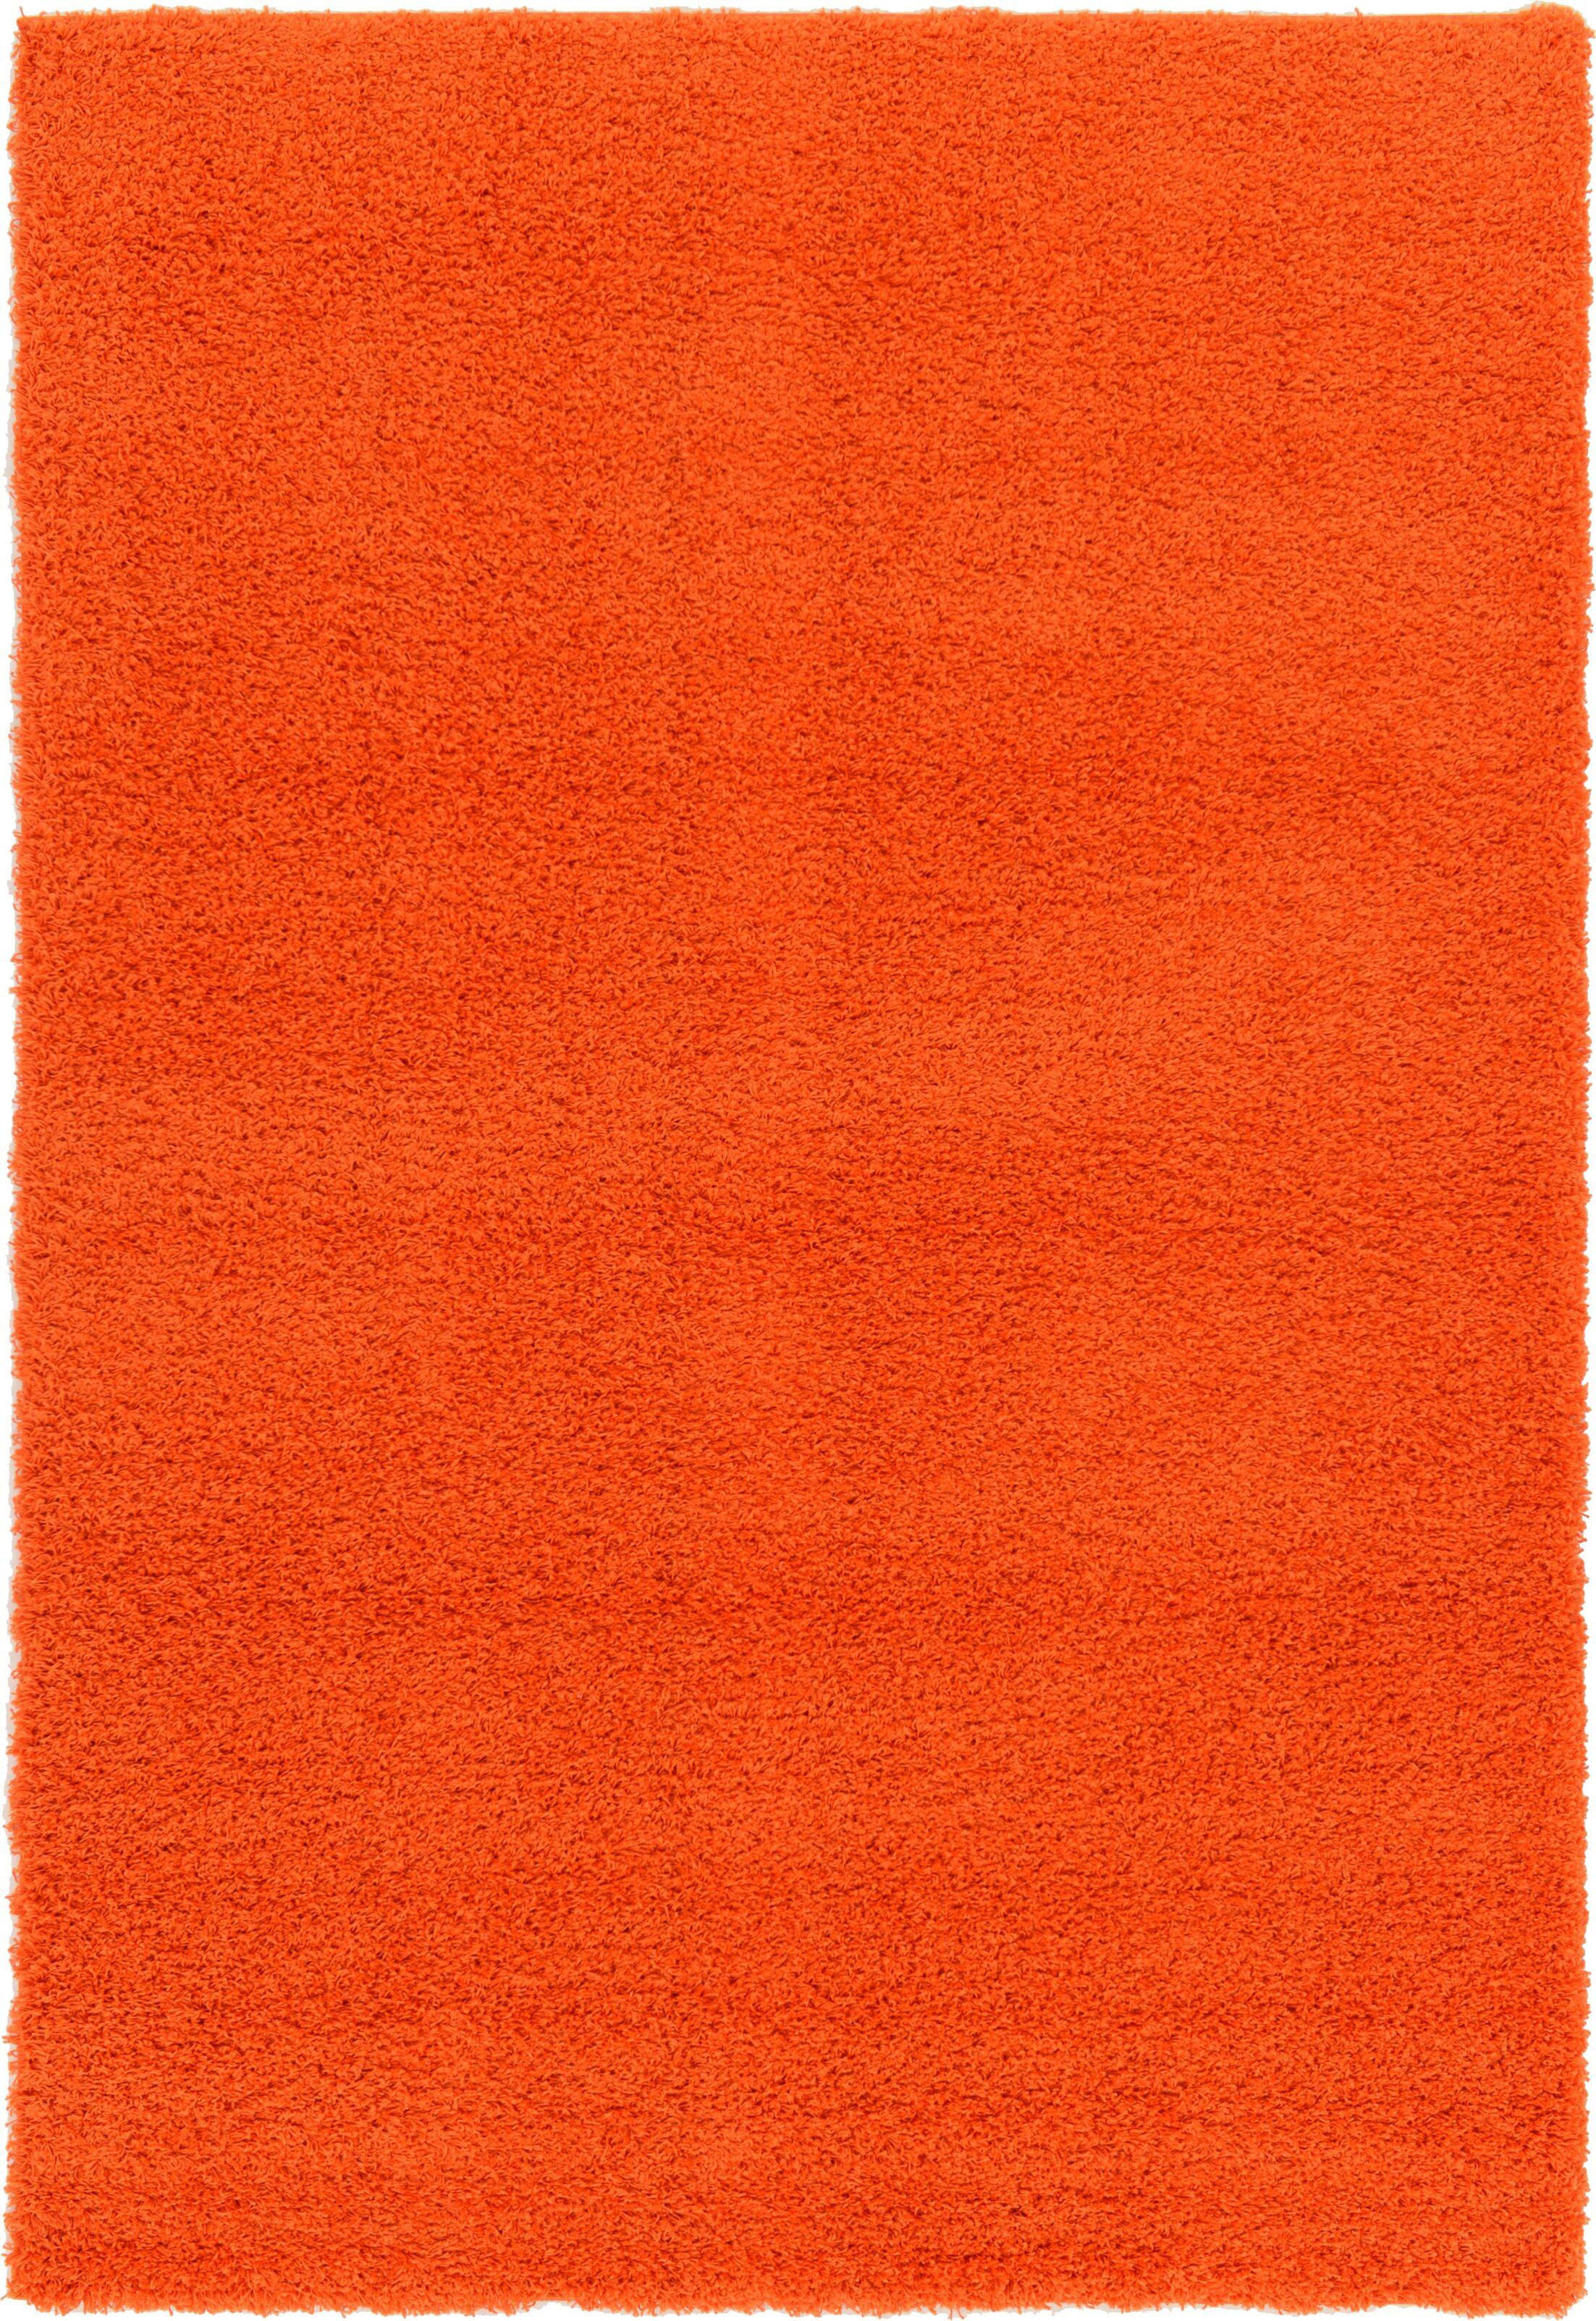 Madison Orange Area Rug Rug Size: Rectangle 6' x 9'